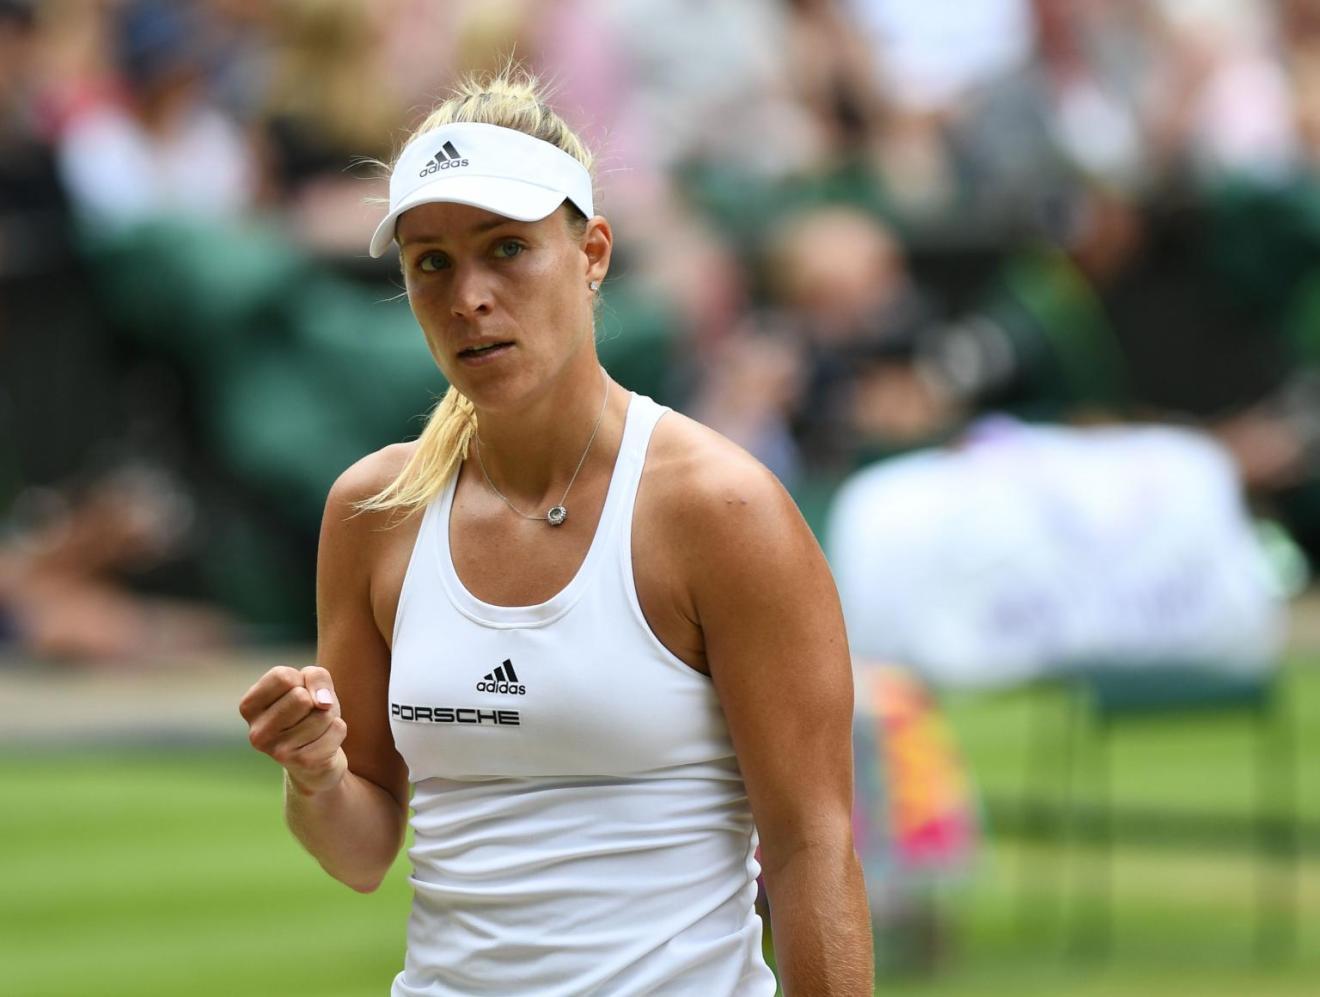 Kerber celebrando un punto en Wimbledon